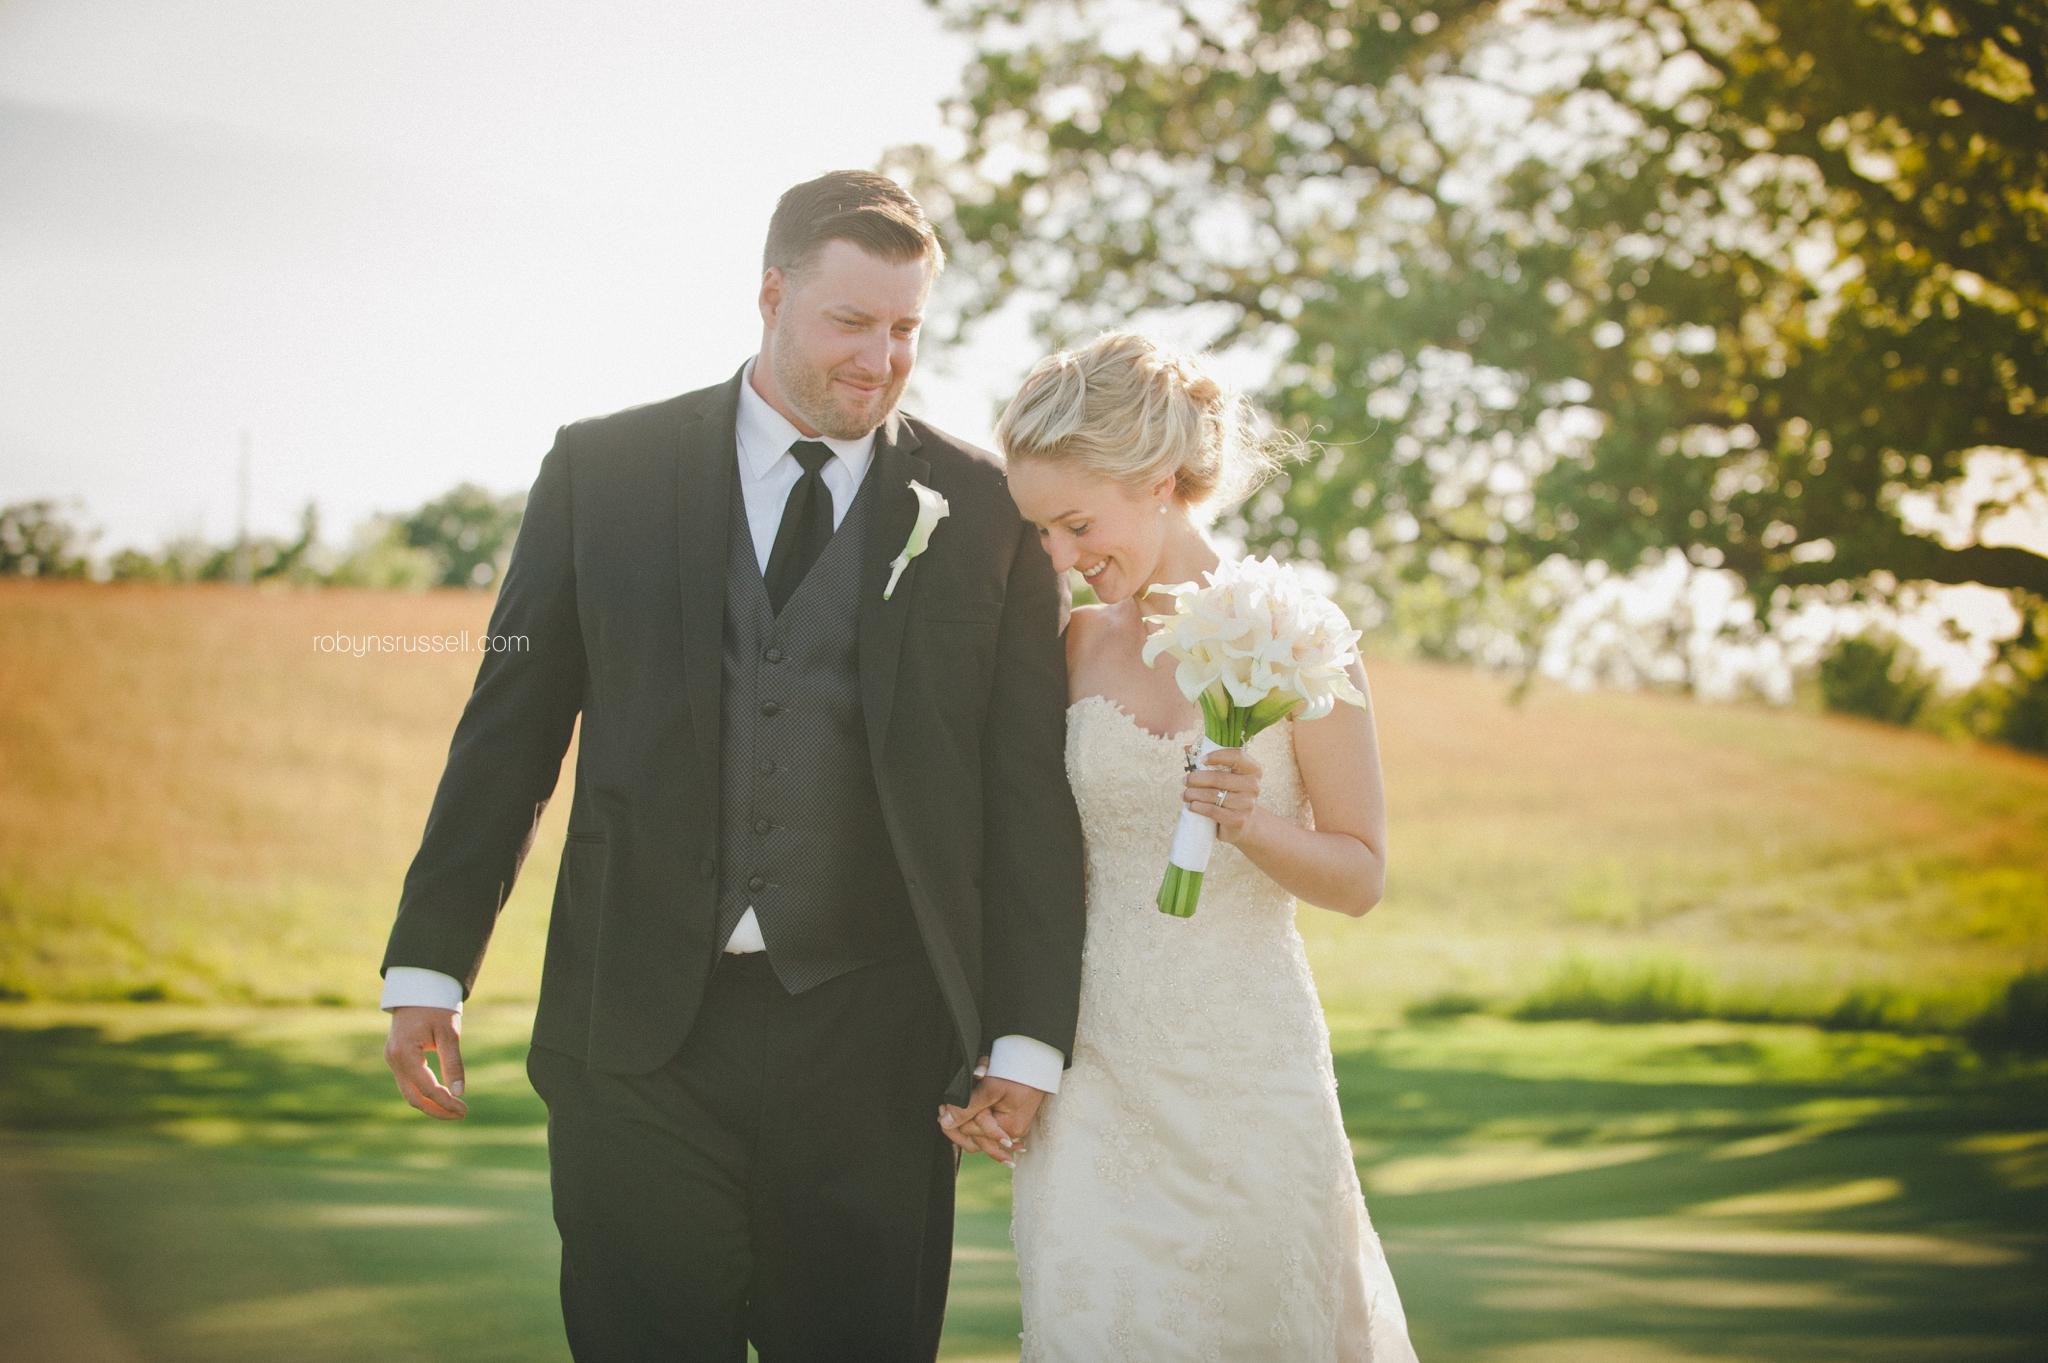 45-bride-and-groom-walking.jpg